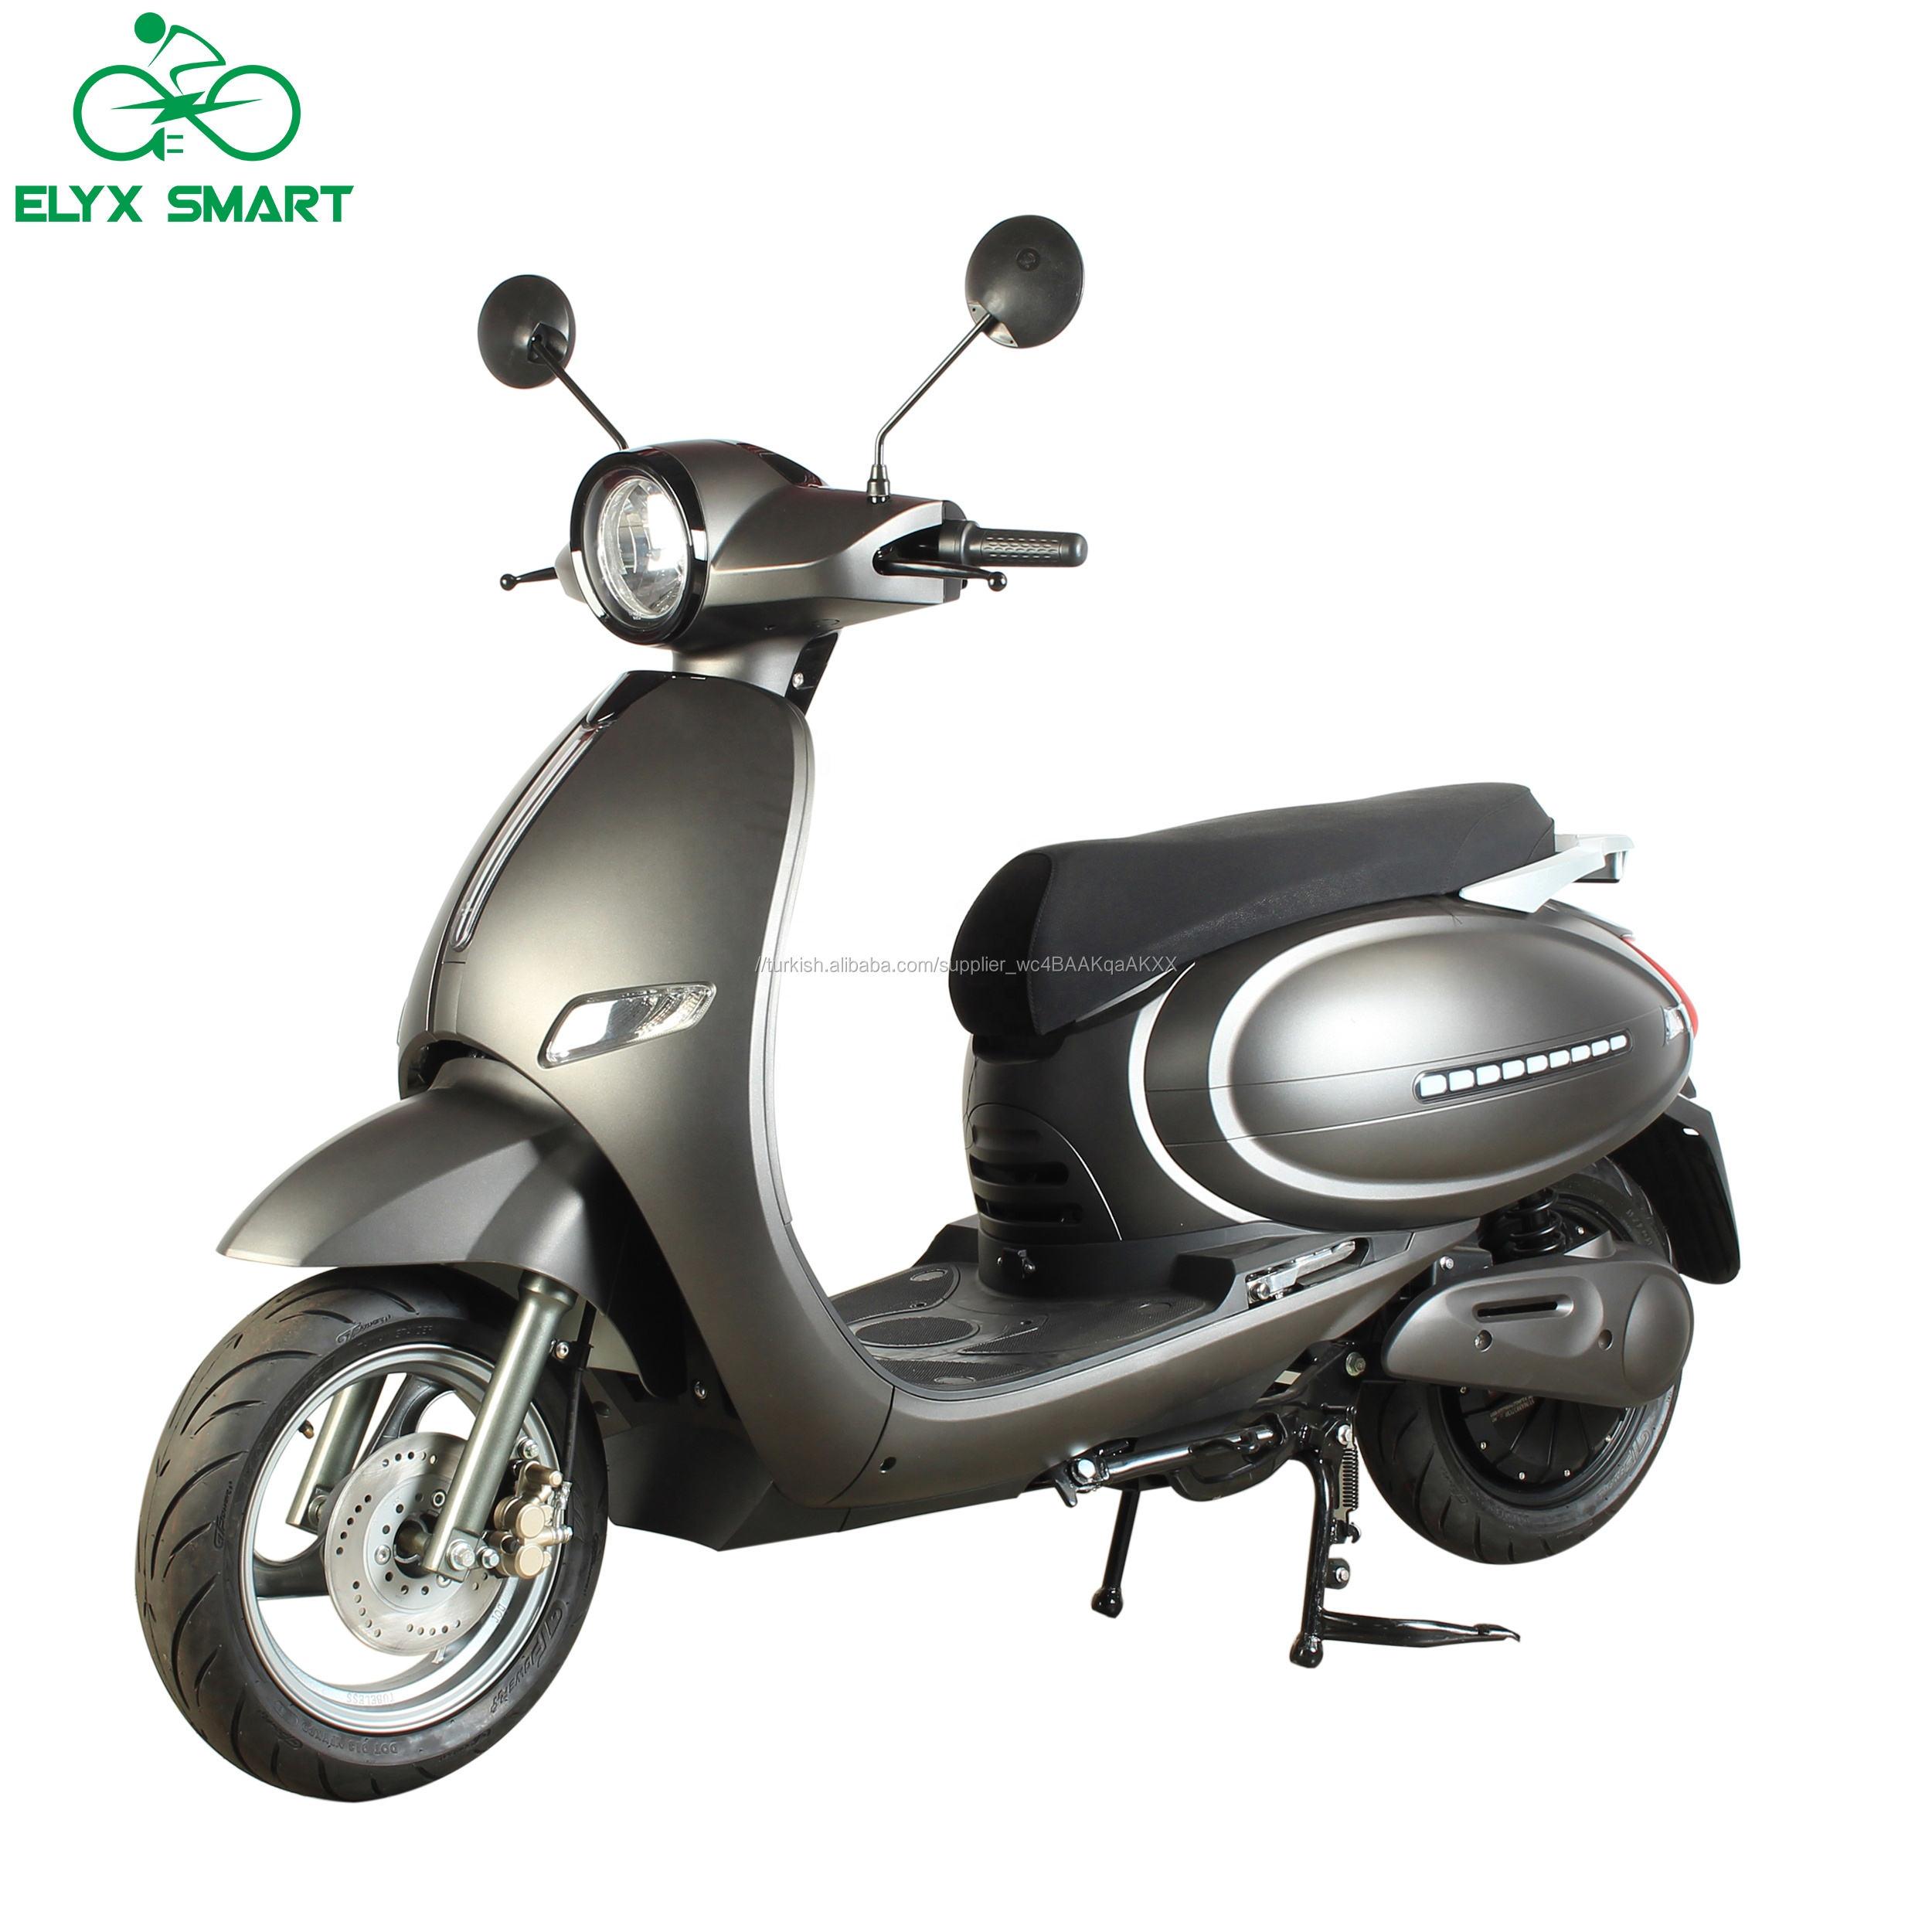 Elyx akıllı destek özel Logo 2020 COC/EEC E <span class=keywords><strong>Scooter</strong></span> alt <span class=keywords><strong>fiyat</strong></span> 2000W elektrikli <span class=keywords><strong>Scooter</strong></span> yetişkin <span class=keywords><strong>Vespa</strong></span> Moped motorlu <span class=keywords><strong>scooter</strong></span>